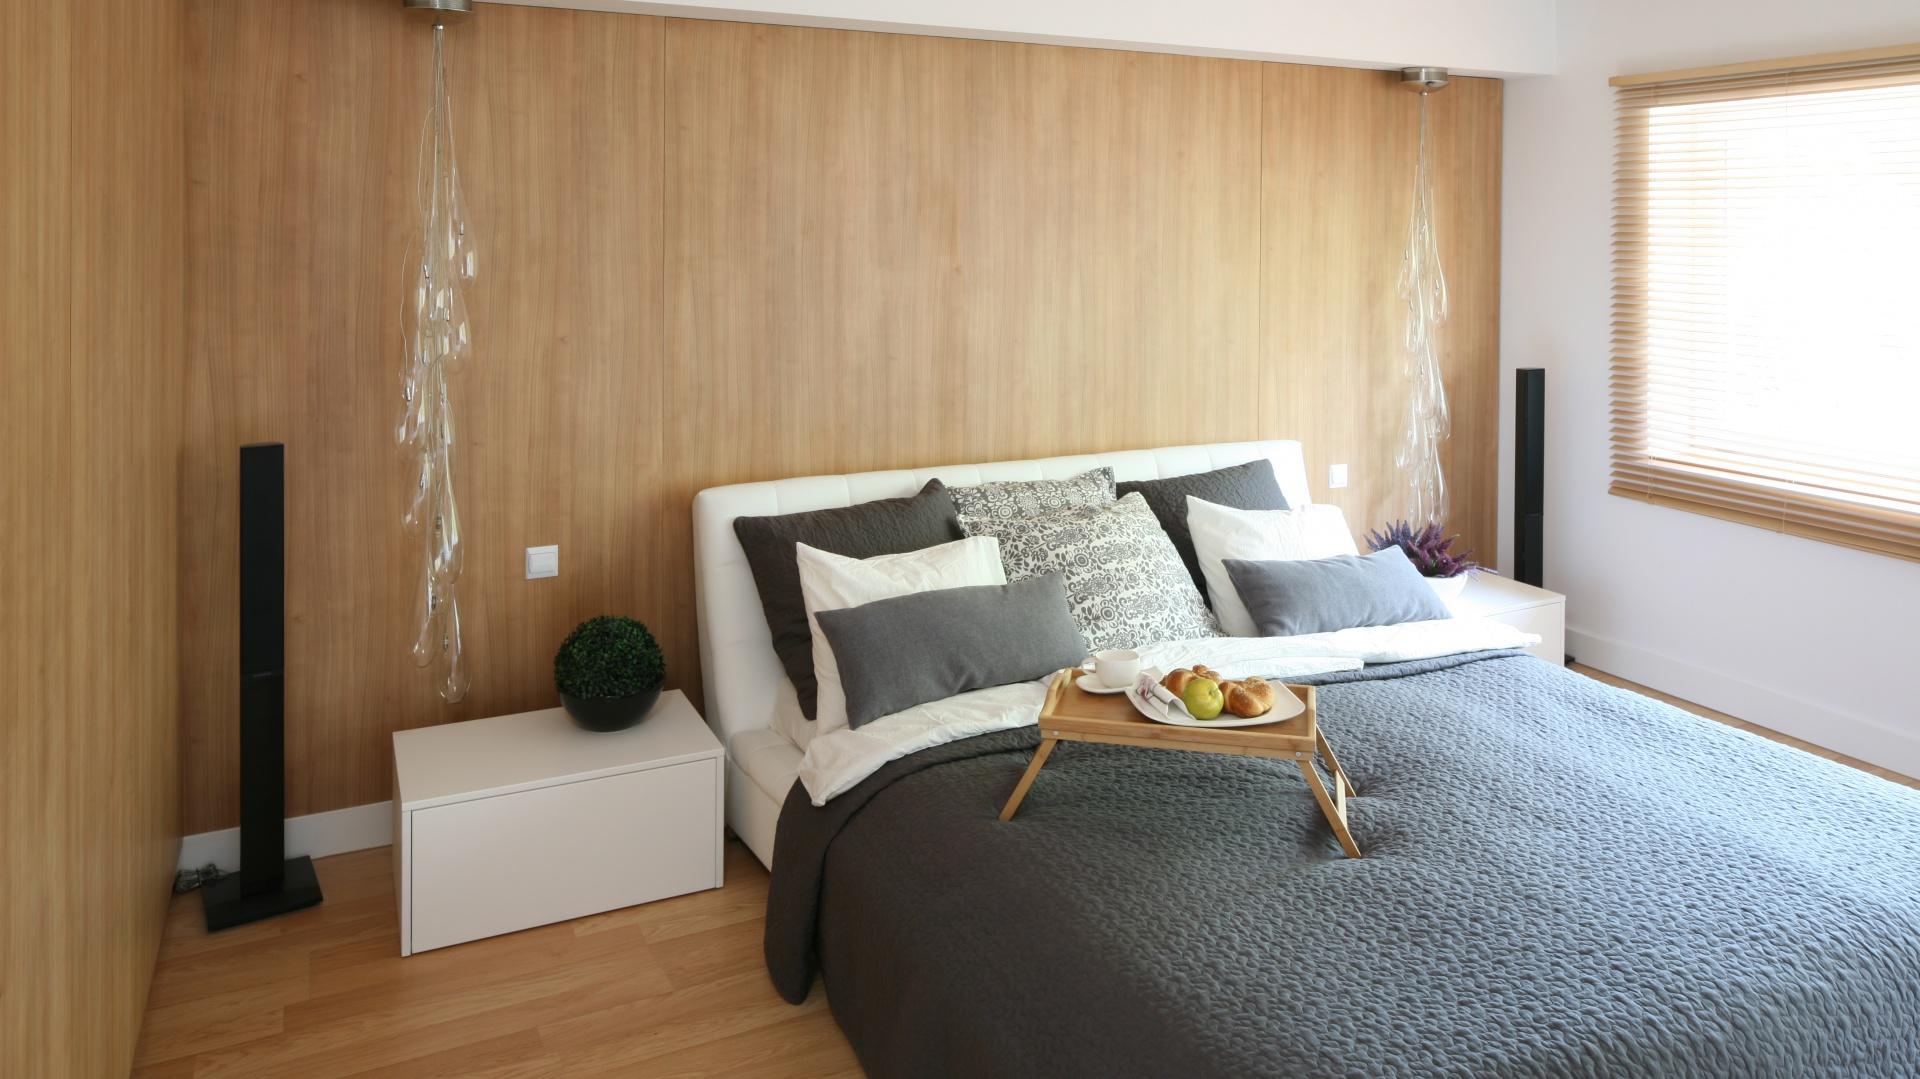 Panelami w kolorze jasnego...  Ściana w sypialni. Piękne aranżacje z drewnem, kamieniem, cegłą ...